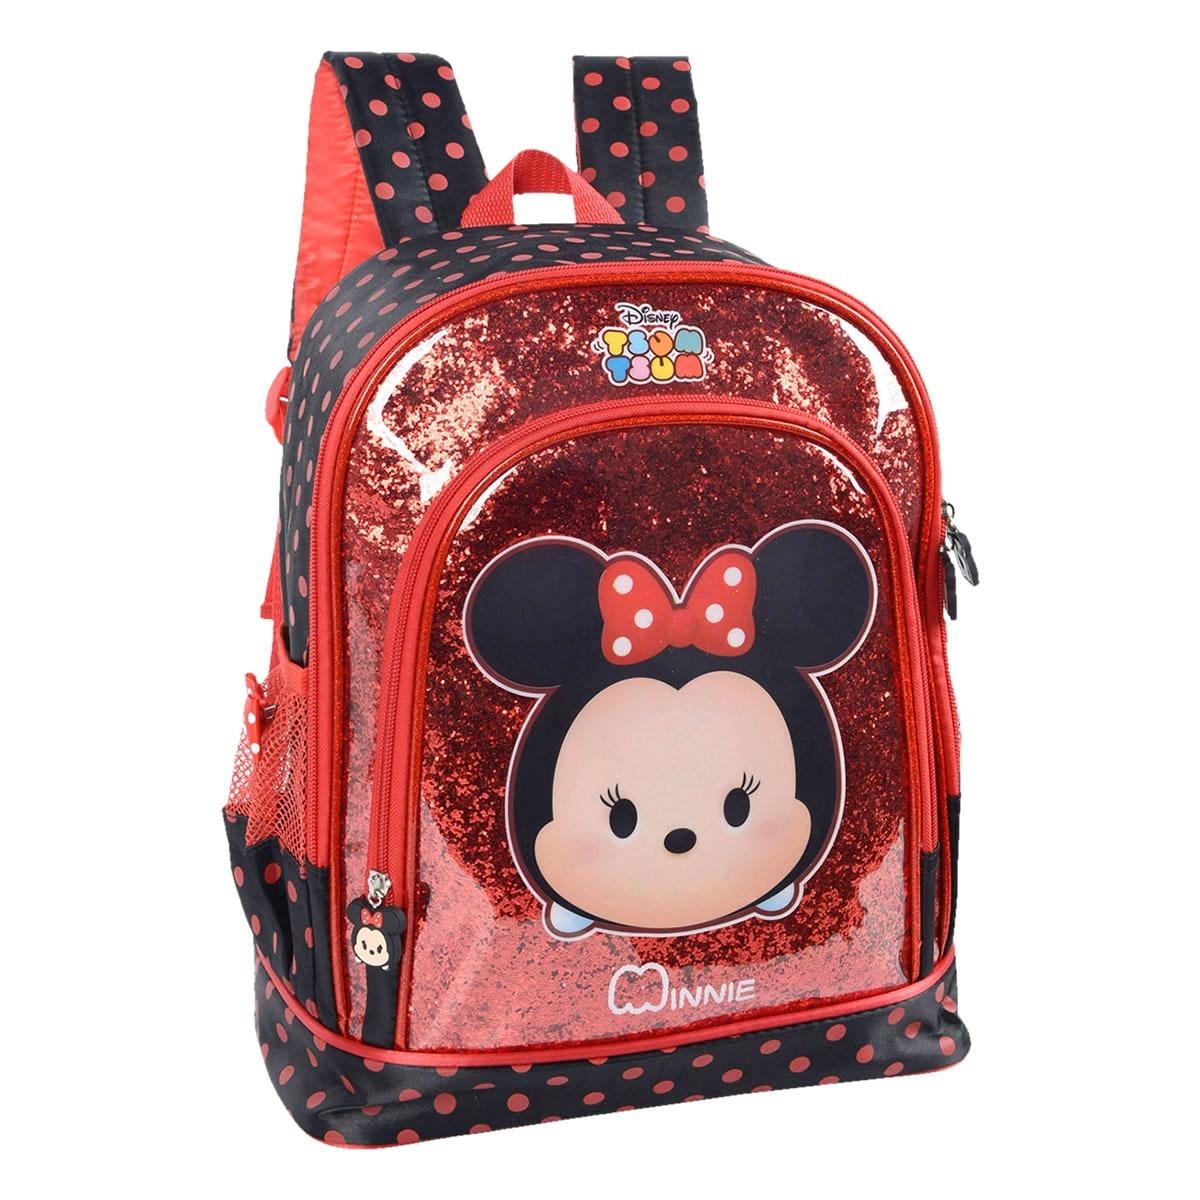 baratas para descuento 30fe3 e5d22 Mochila Tsum Tsum Minnie Disney De Costa Tamanho M